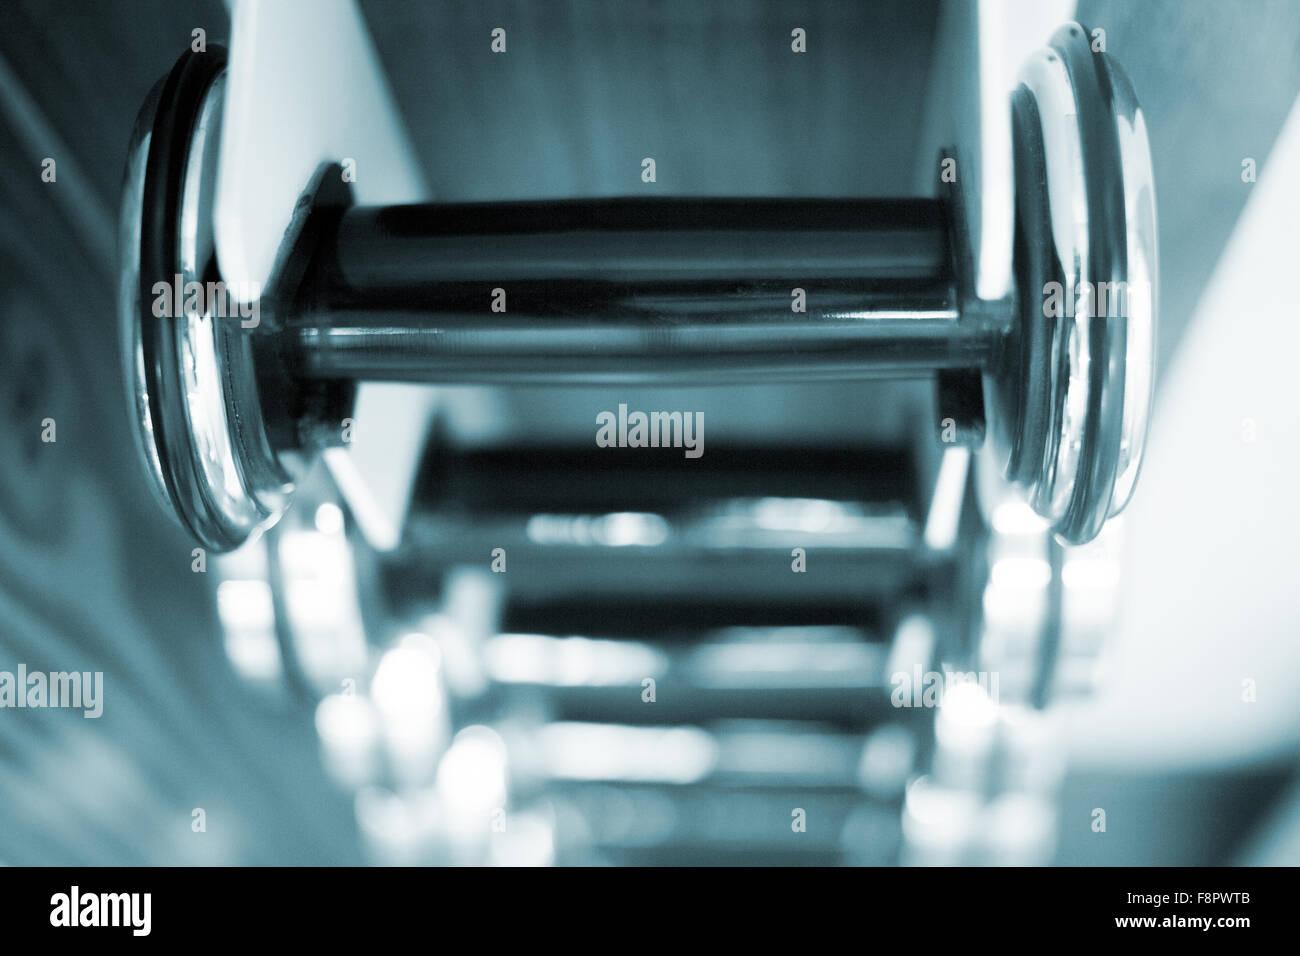 Manubri palestra pesi di metallo nella sala esercizi in palestra health club fitness studio per il bodybuilding Immagini Stock